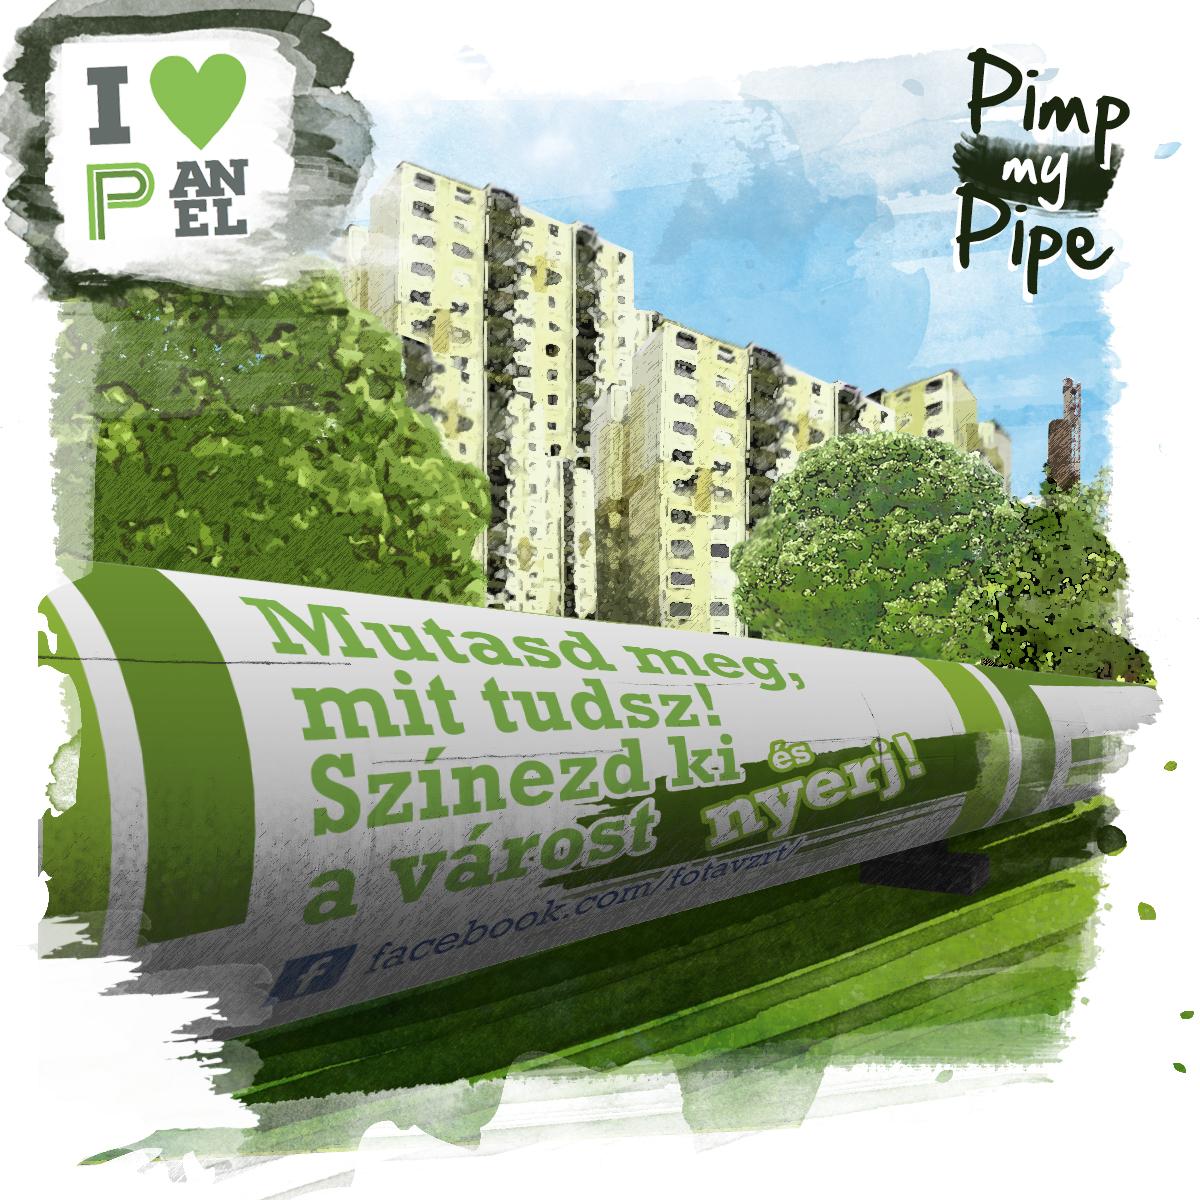 pimp-my-pipe-tavvezetek-grafika-draft-v8.jpg